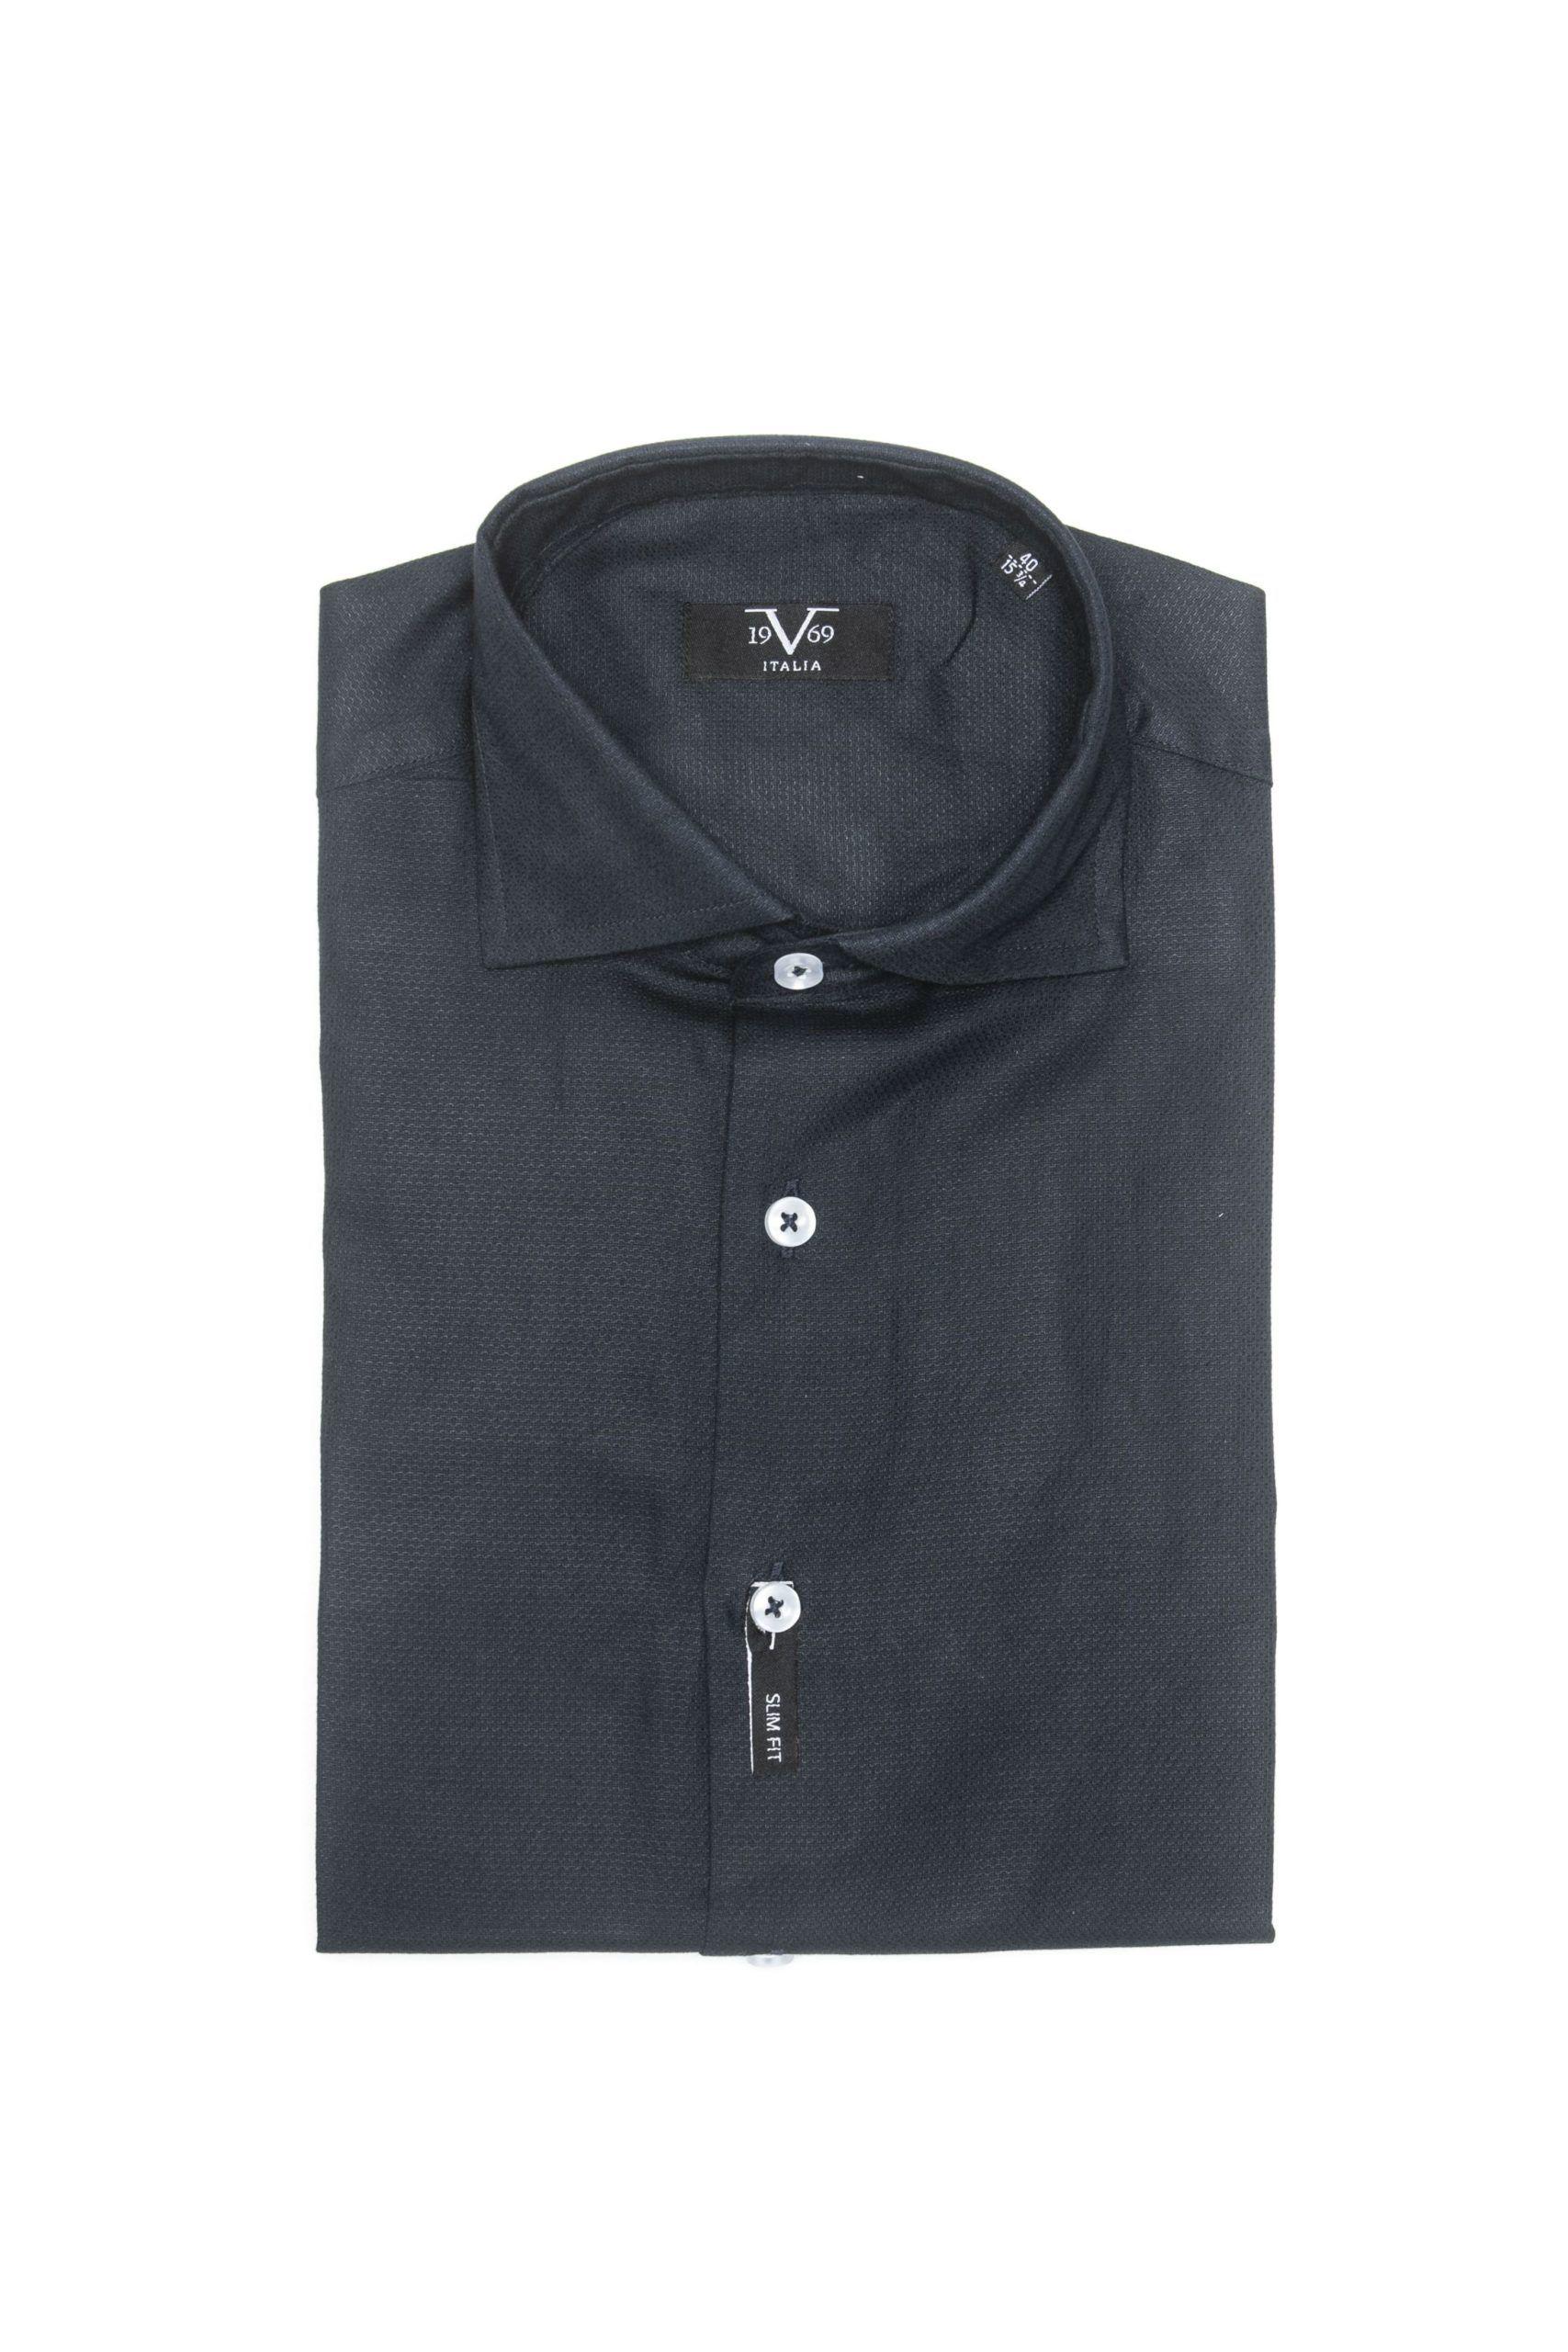 19V69 Italia Shirt